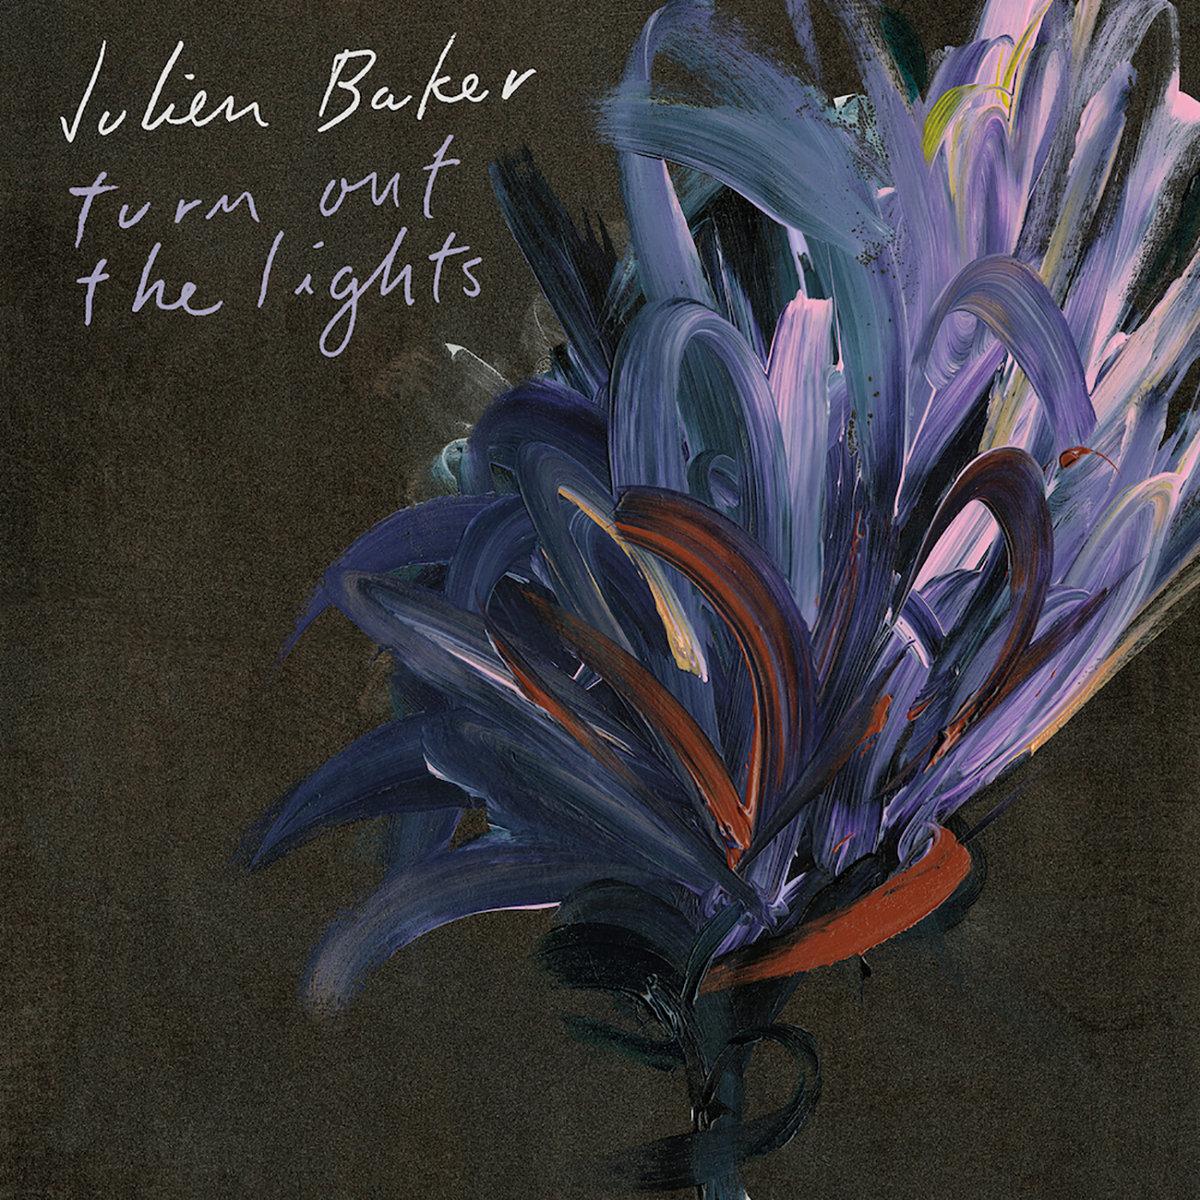 Julien Baker / Turn Out the Lights(LP)